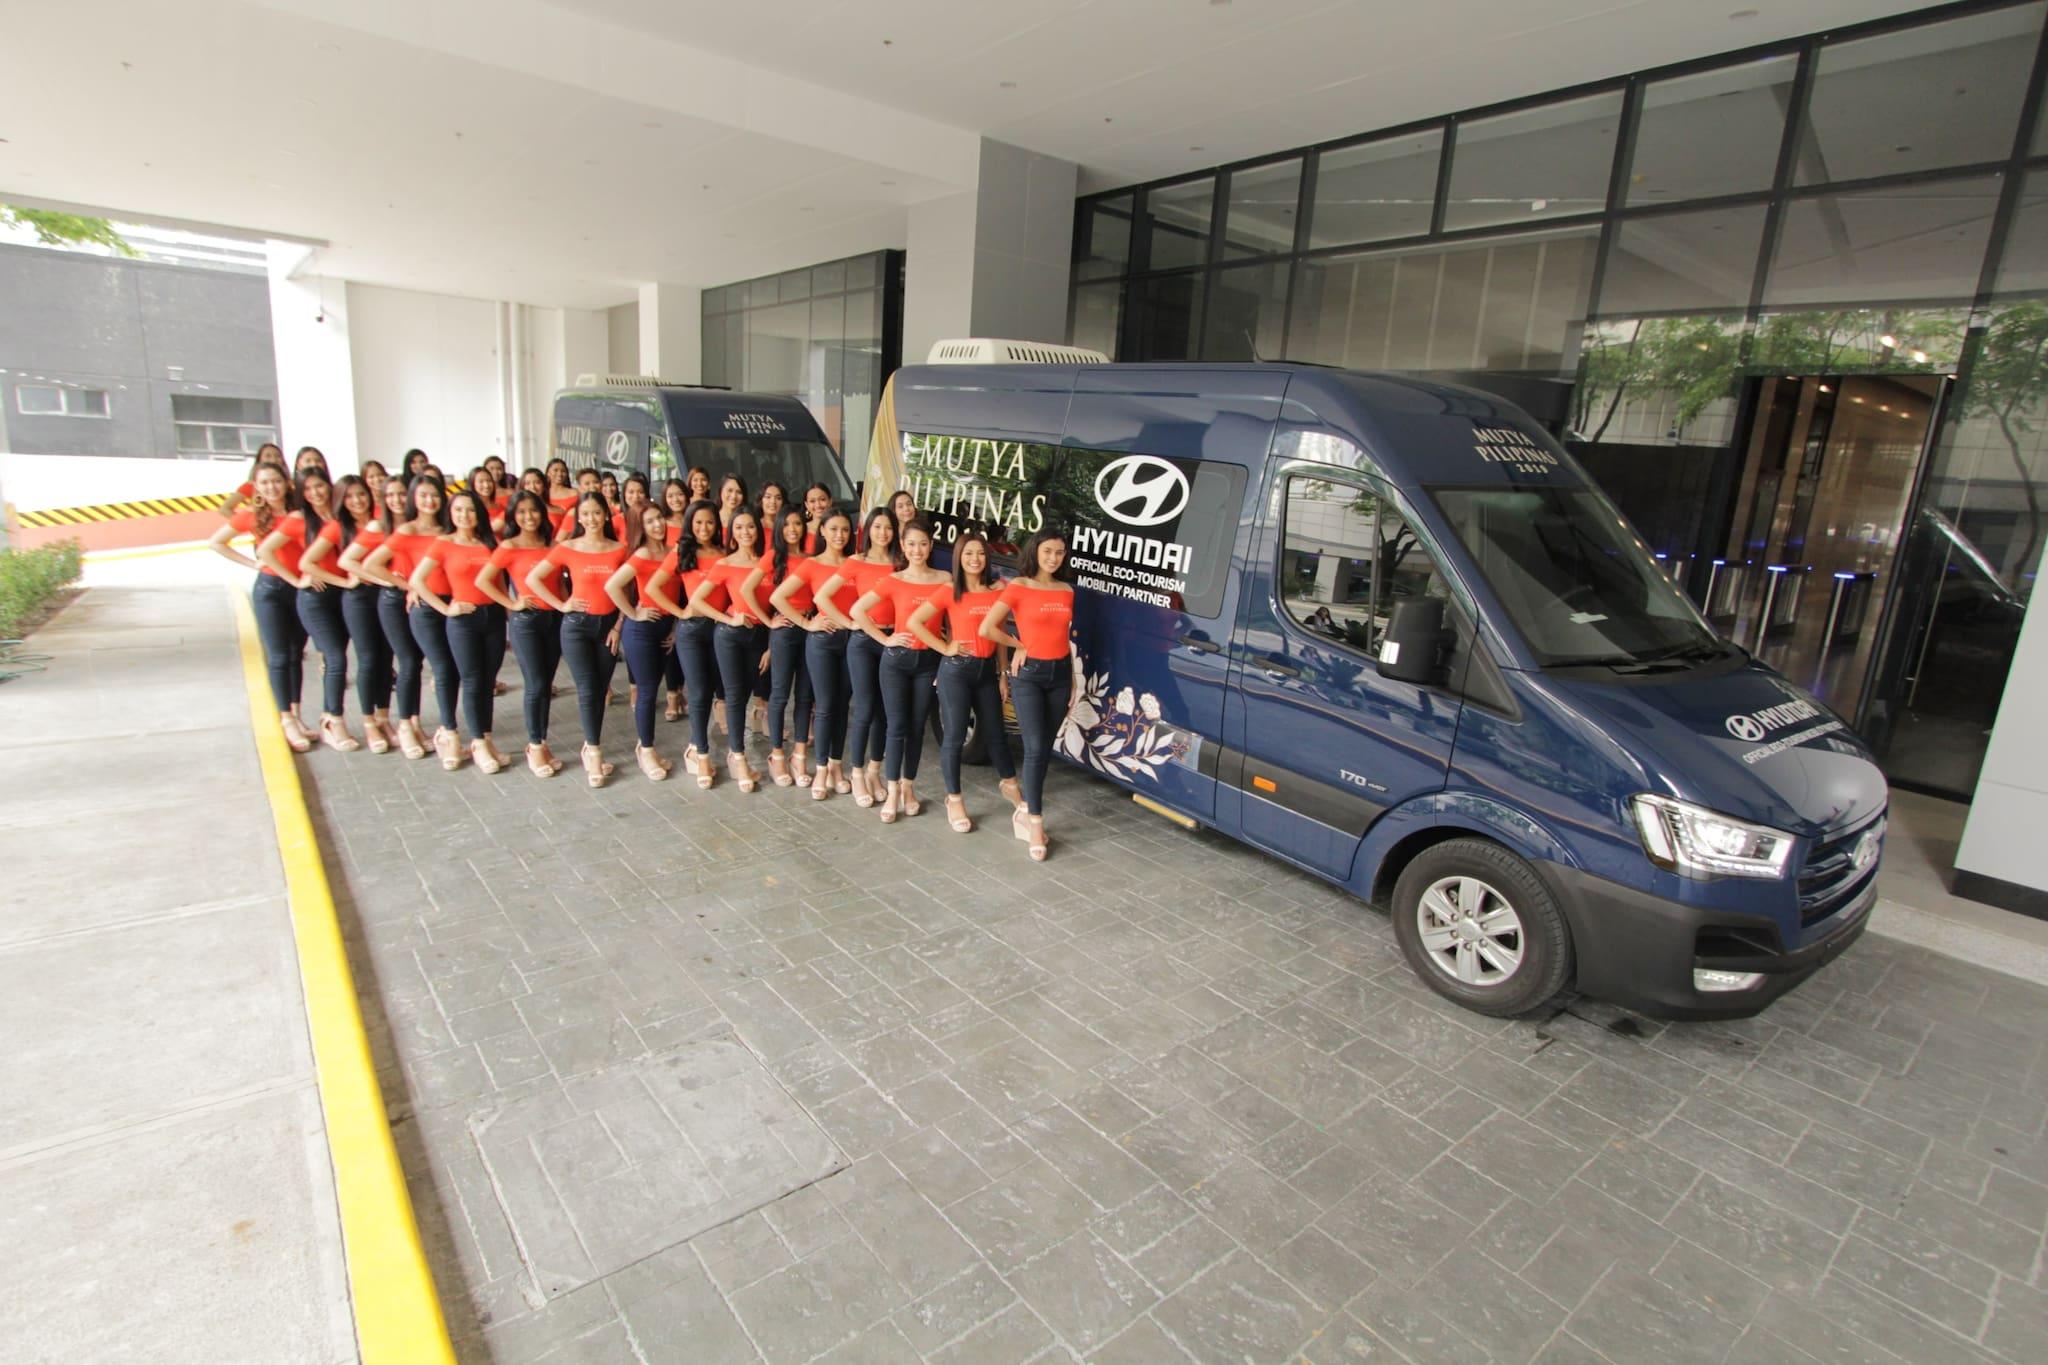 Hyundai, Mutya Pilipinas Celebrate Beauty of the Filipina